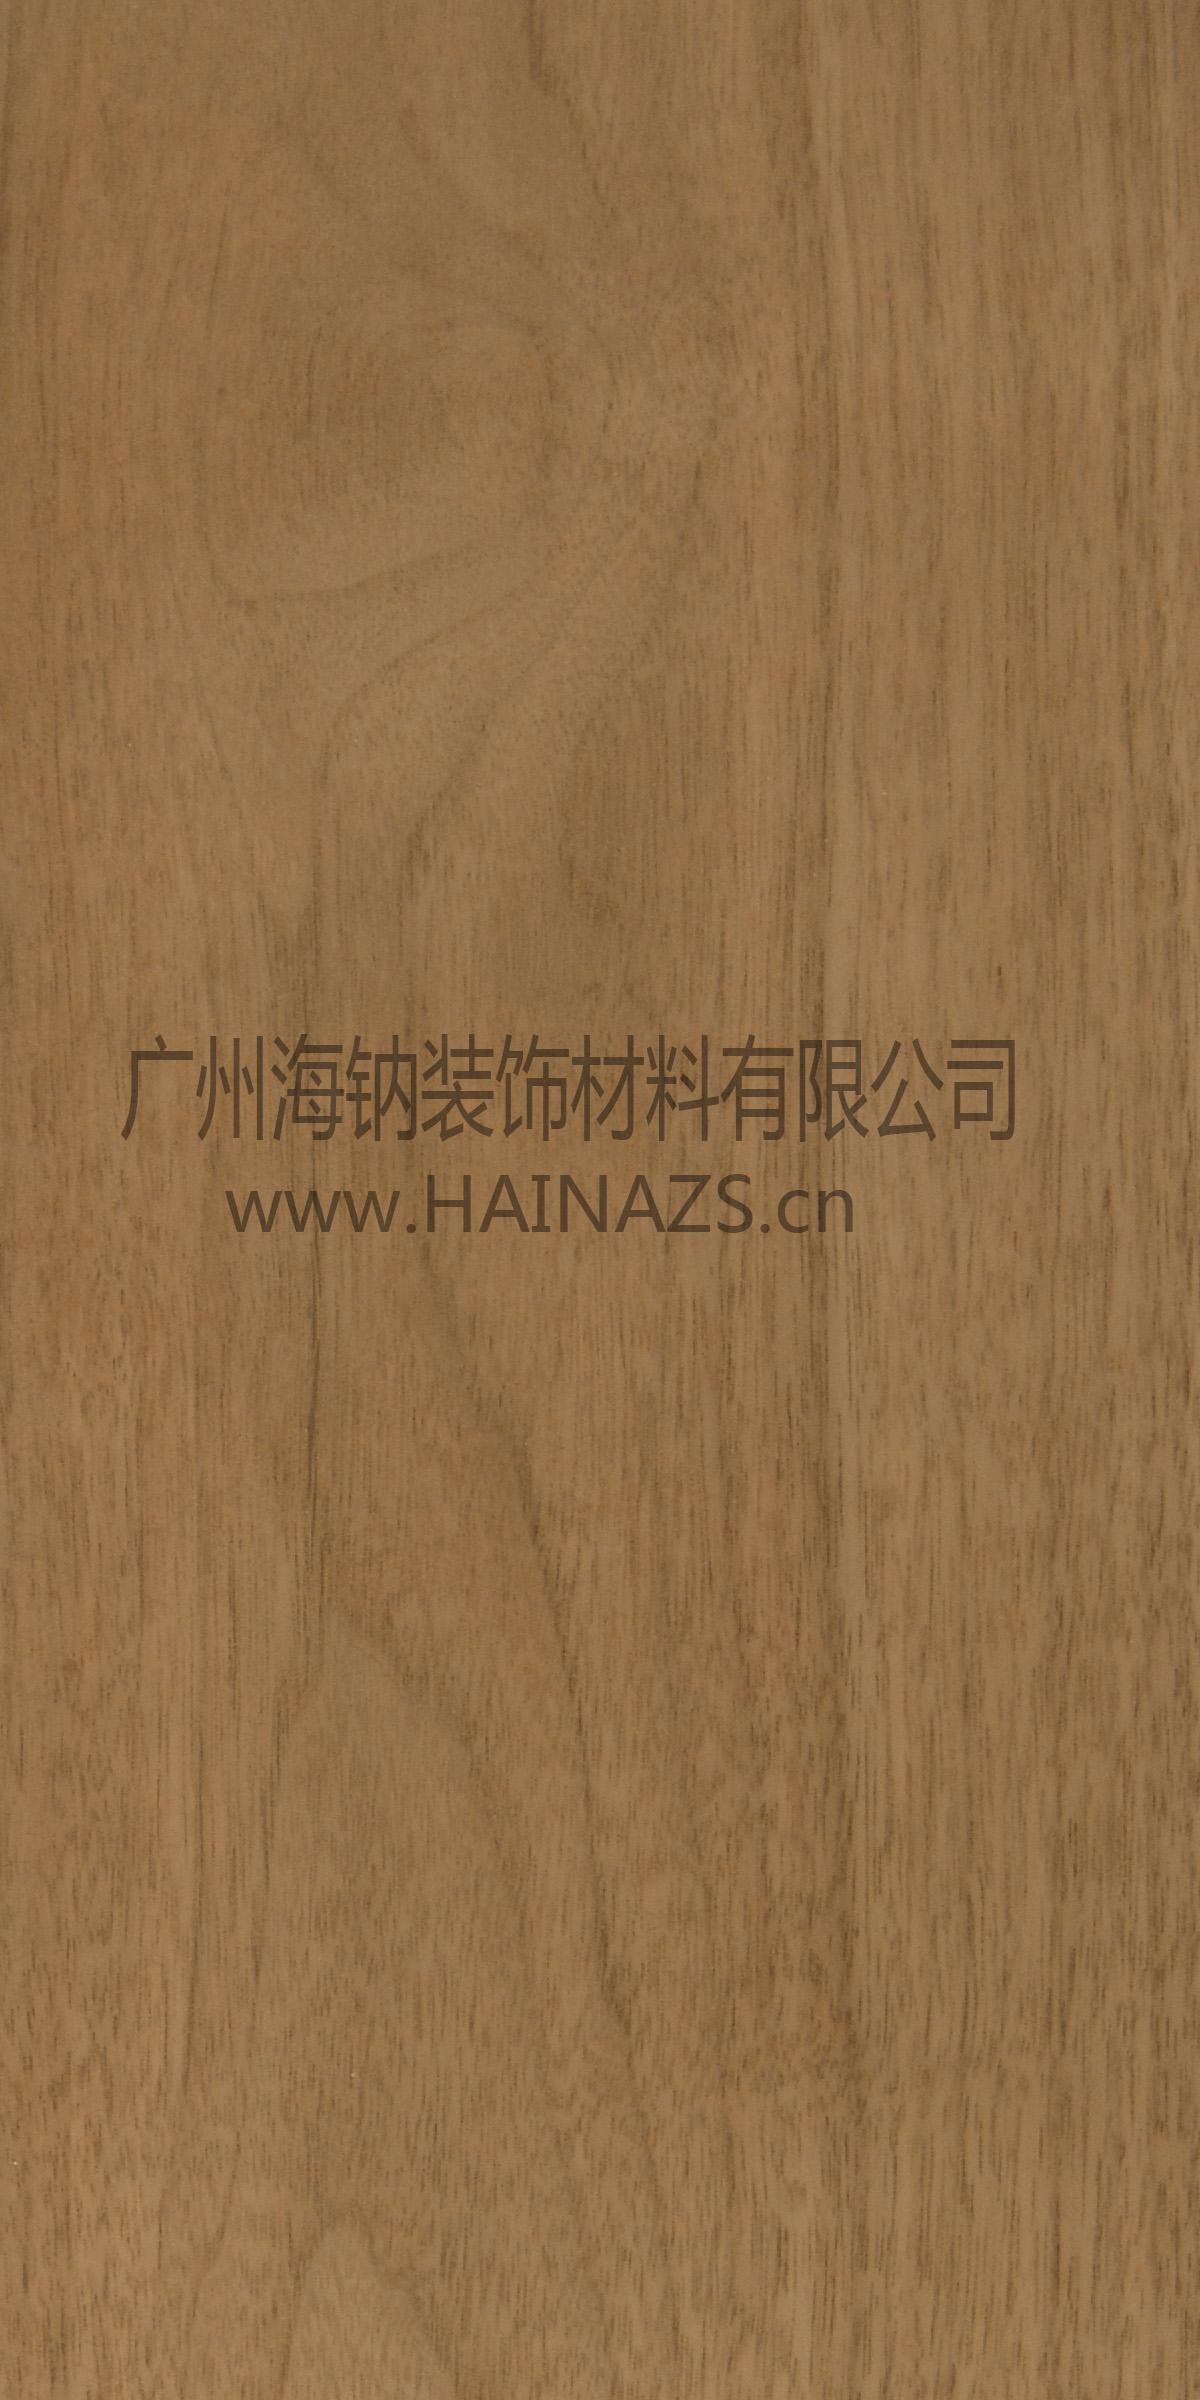 供应黑胡桃防火木饰面装饰护墙板hn-005